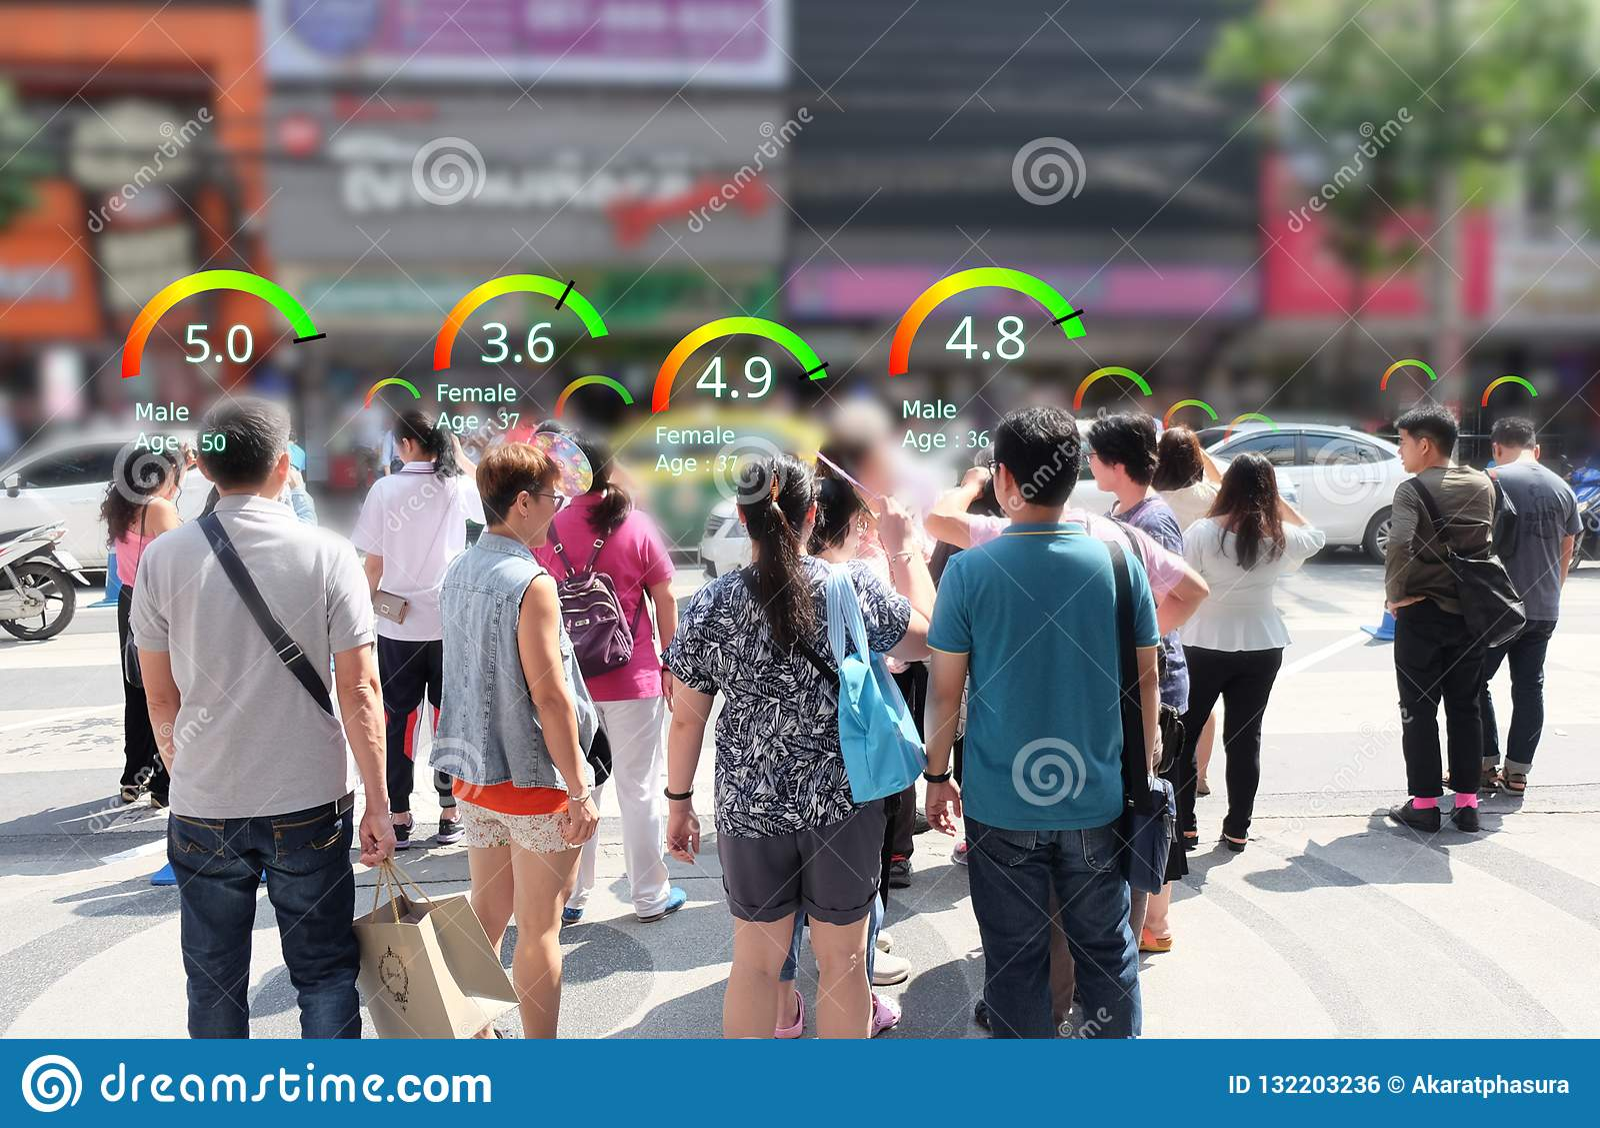 Il concetto sociale del punteggio di credito, analisi dei dati di AI identifica la tecnologia della persona, valutazione intellig